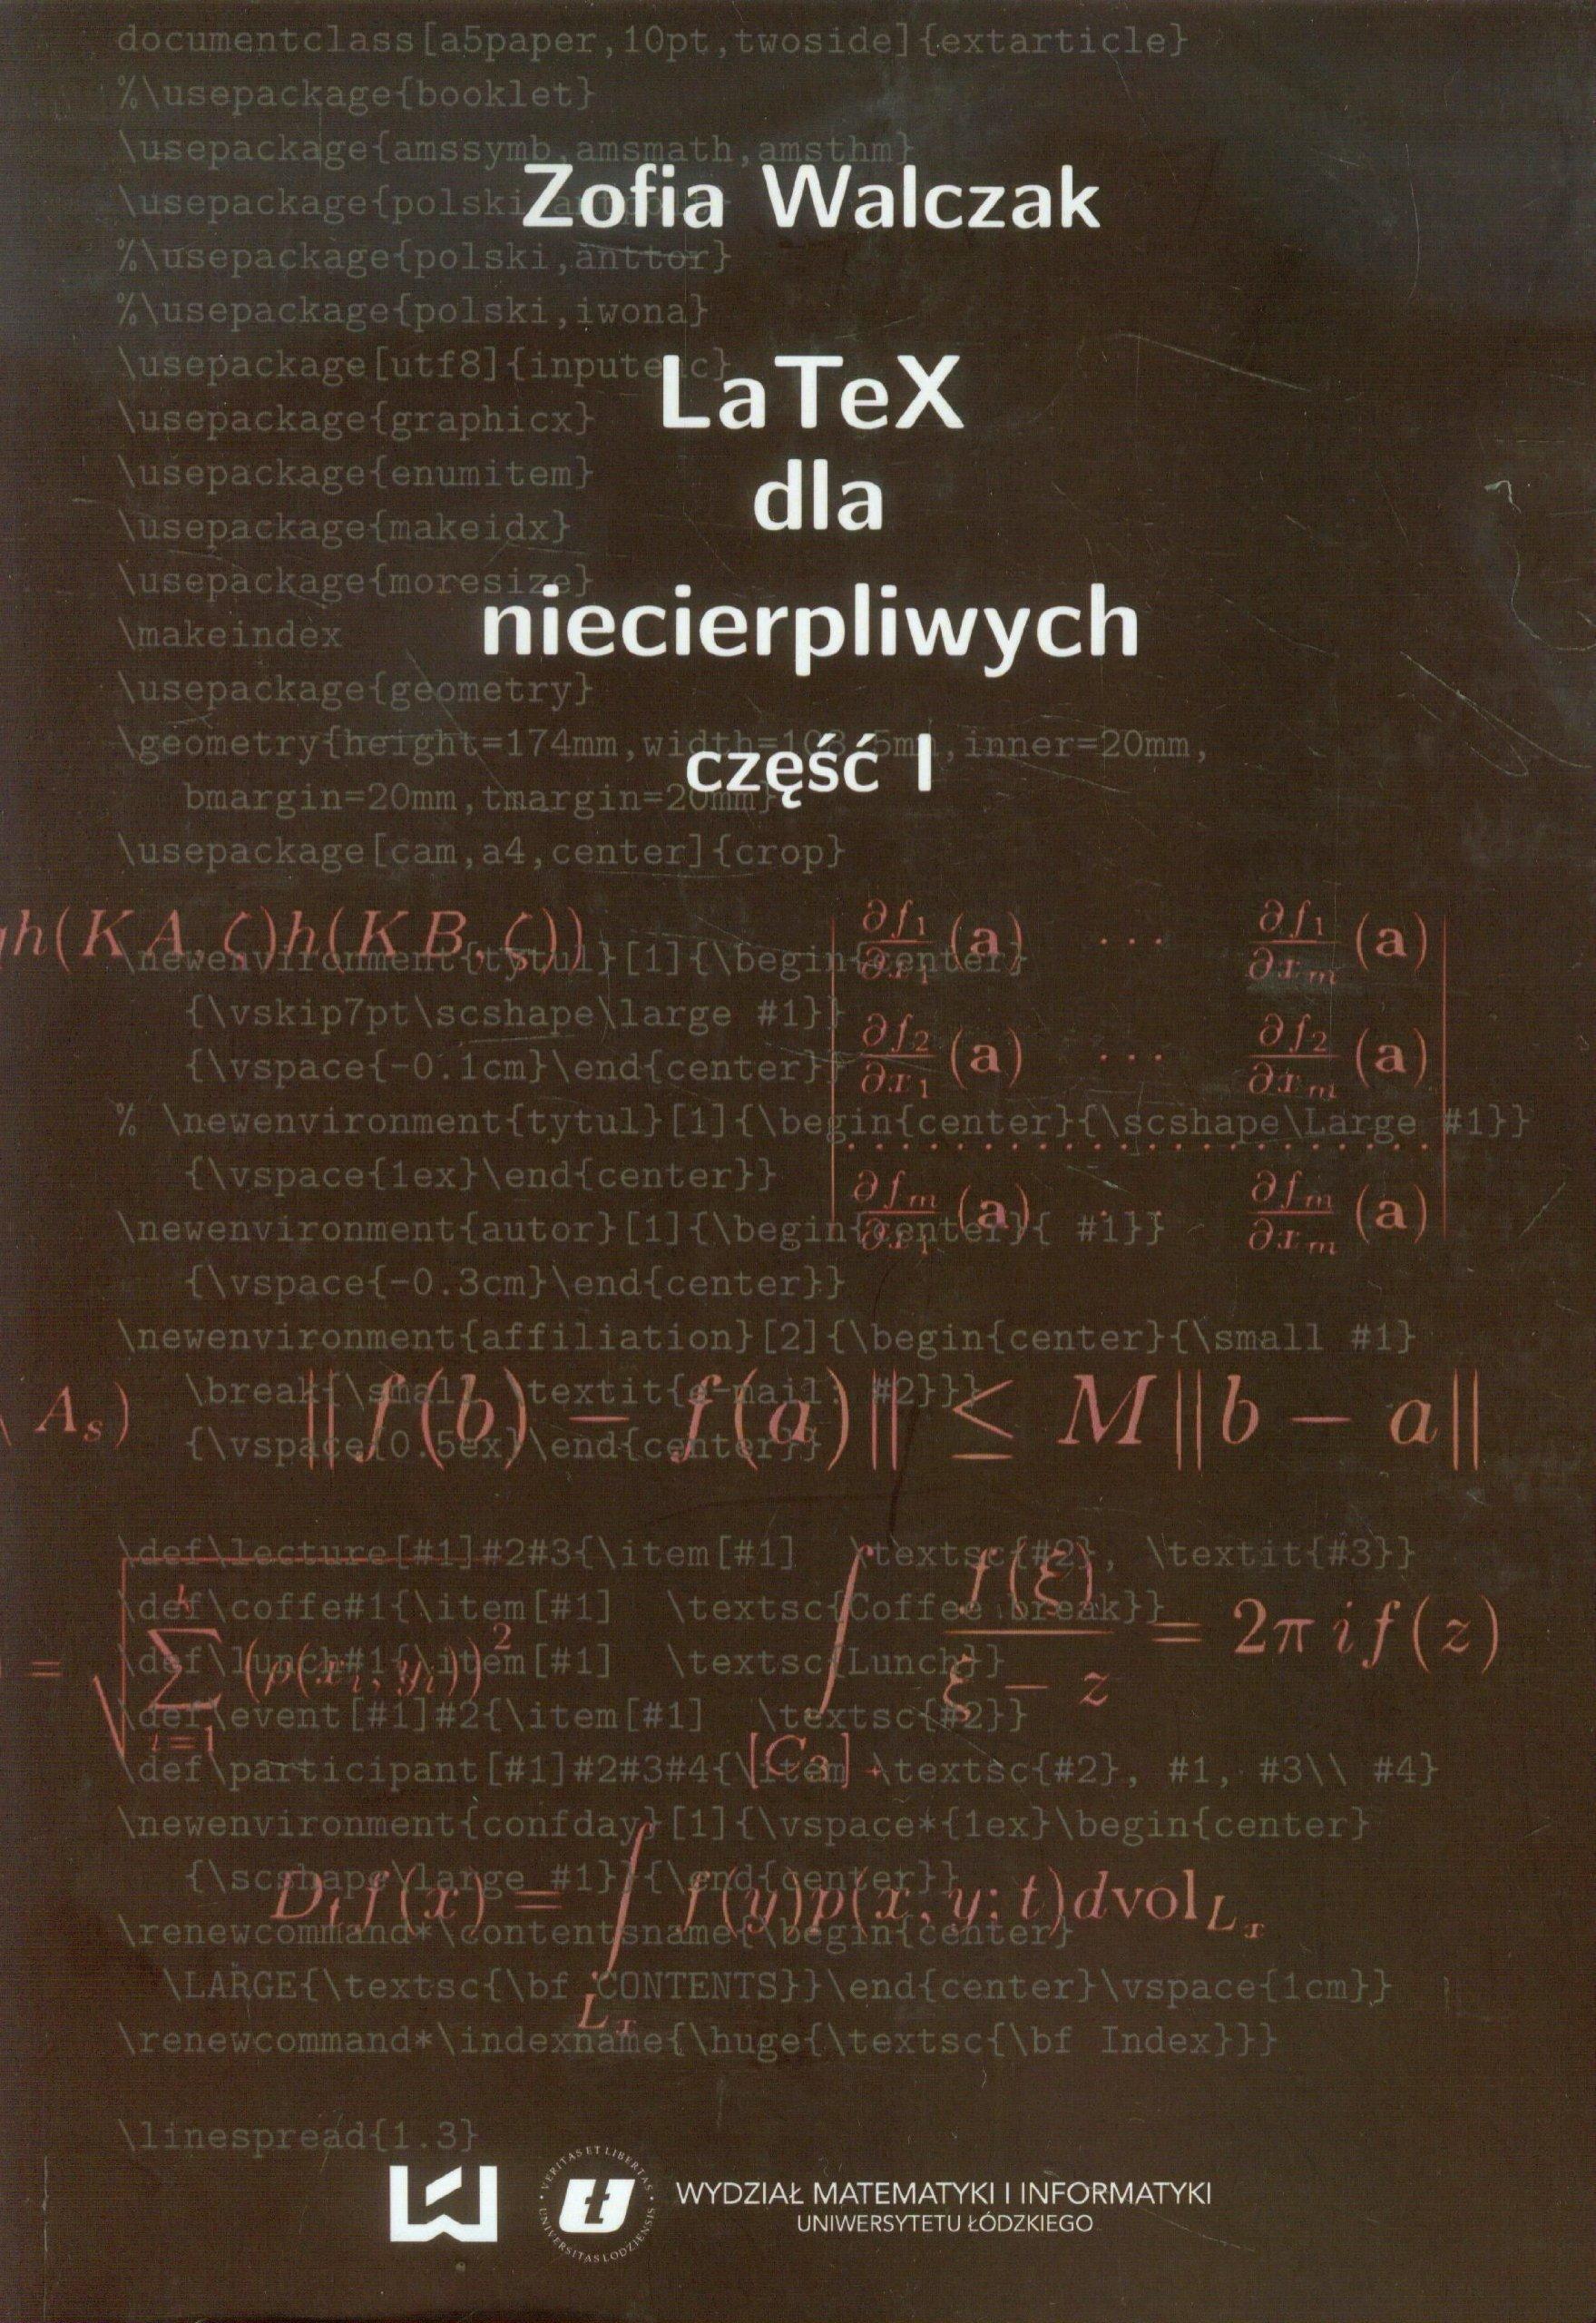 LaTeX dla niecierpliwych Czesc 1: Amazon co uk: Zofia